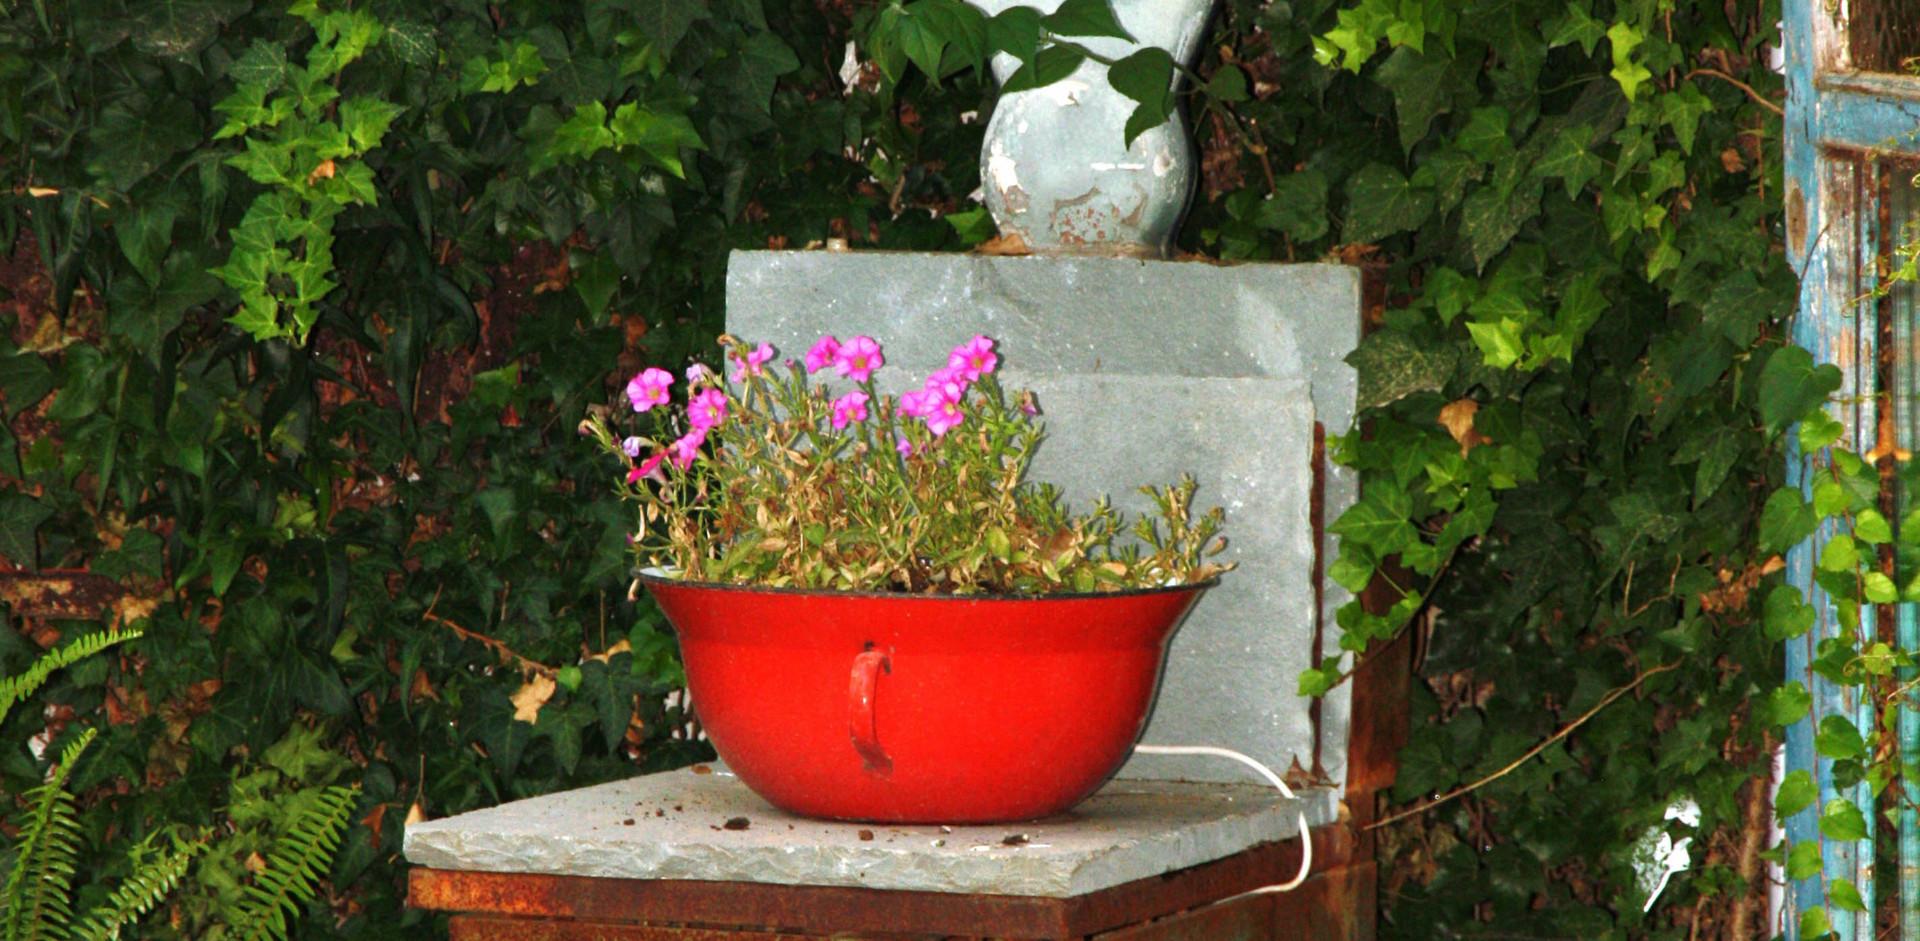 משקל ביתי זרוק קיבל מעמד של שידה בחצר הבית